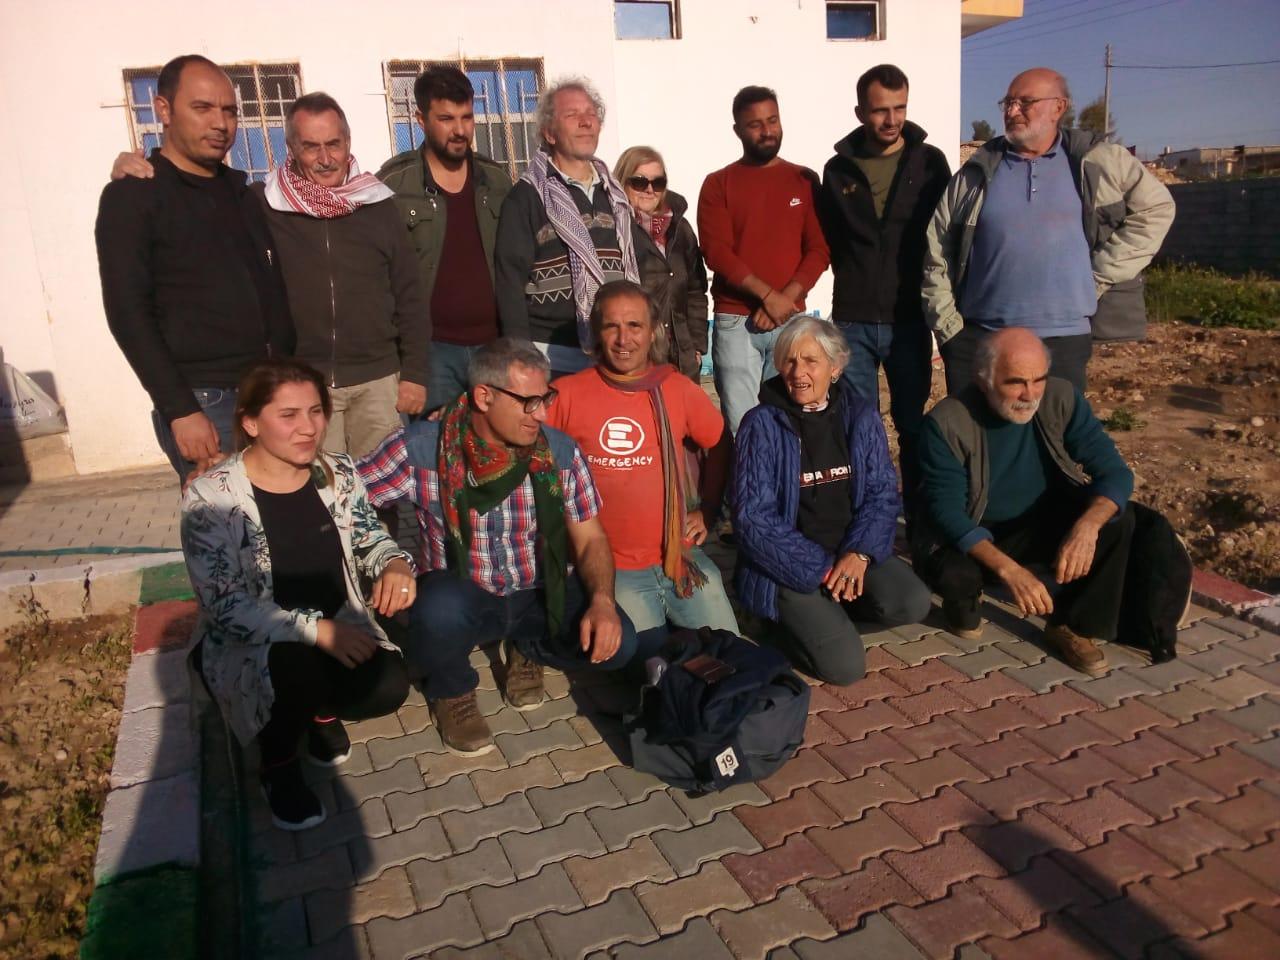 delegazione verso il Kurdistan presso centro assistenza handicap campo profughi, 21.3.19